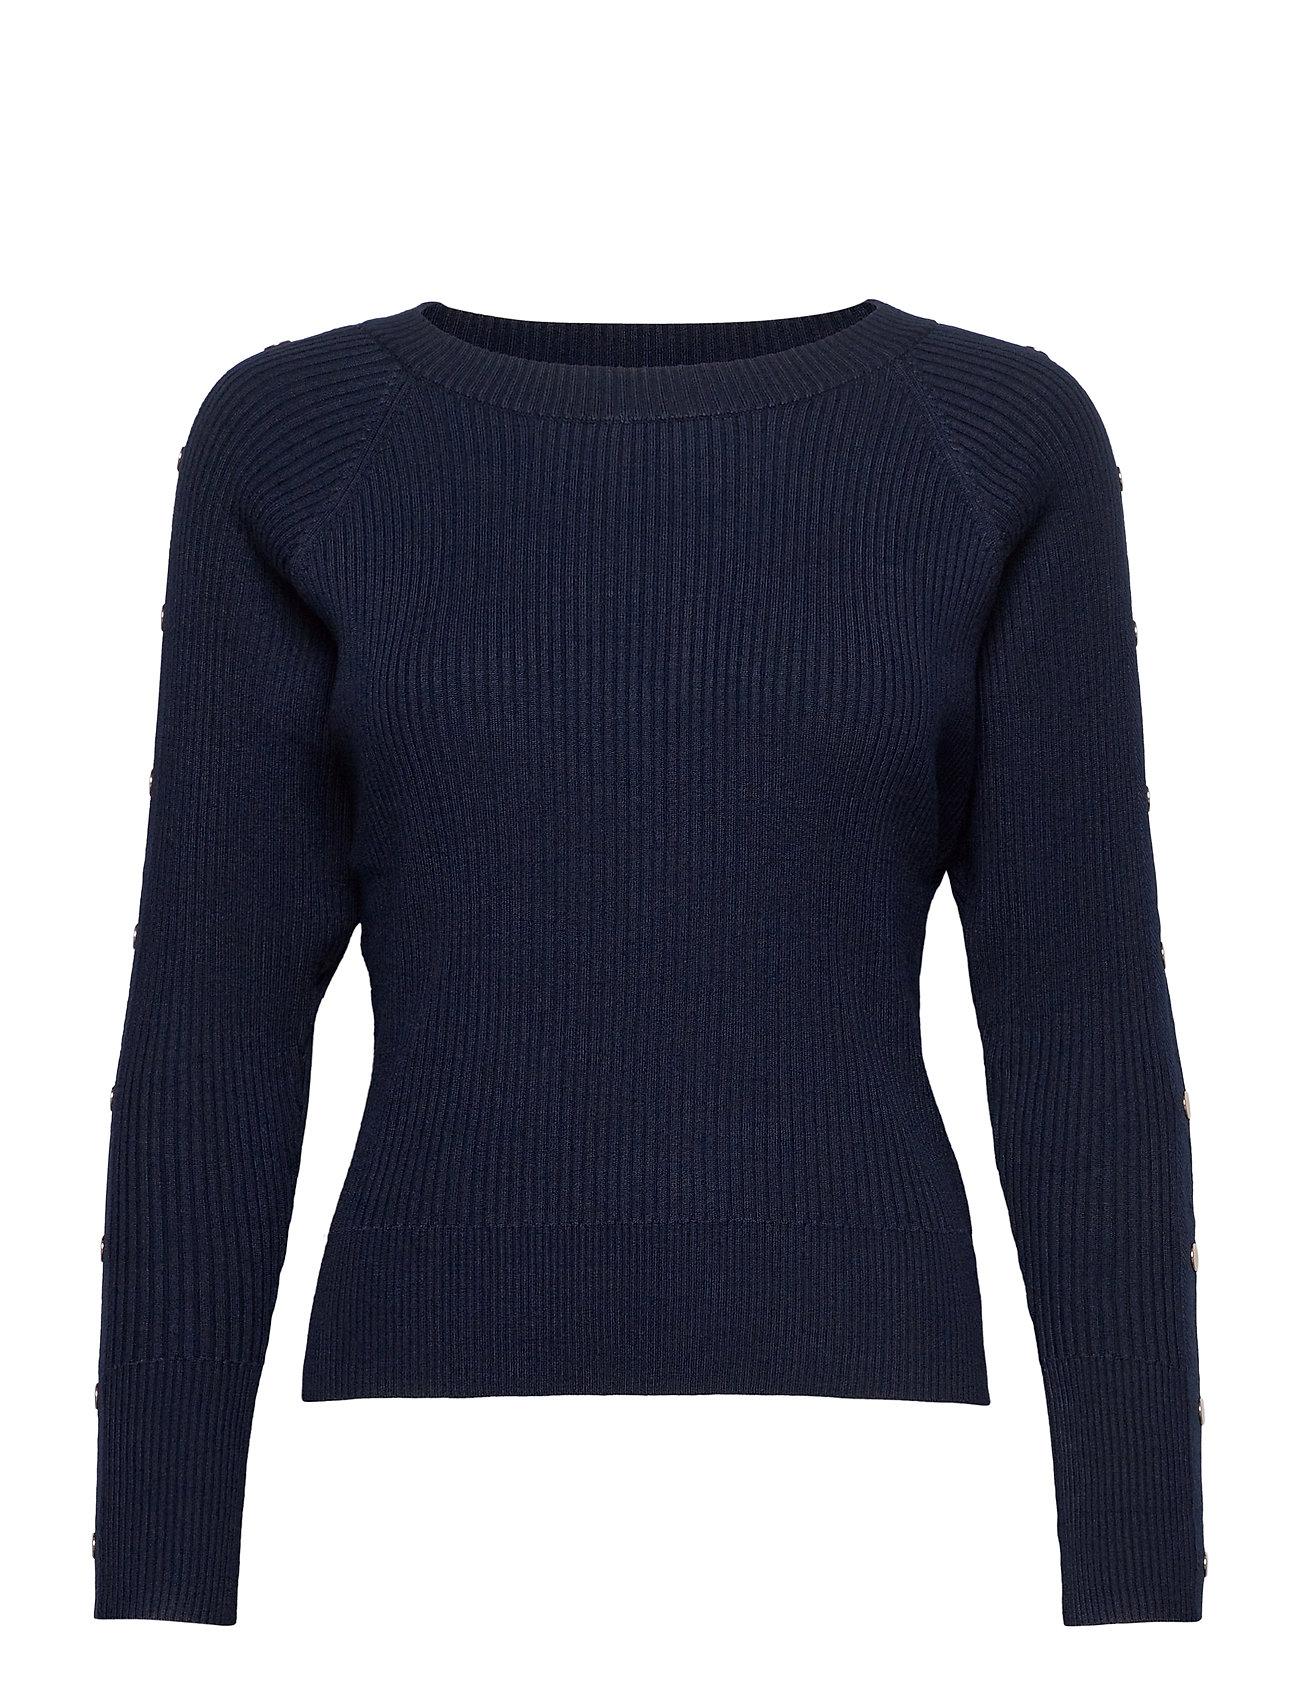 Image of Pzsara Pullover Strikket Trøje Blå Pulz Jeans (3445309499)